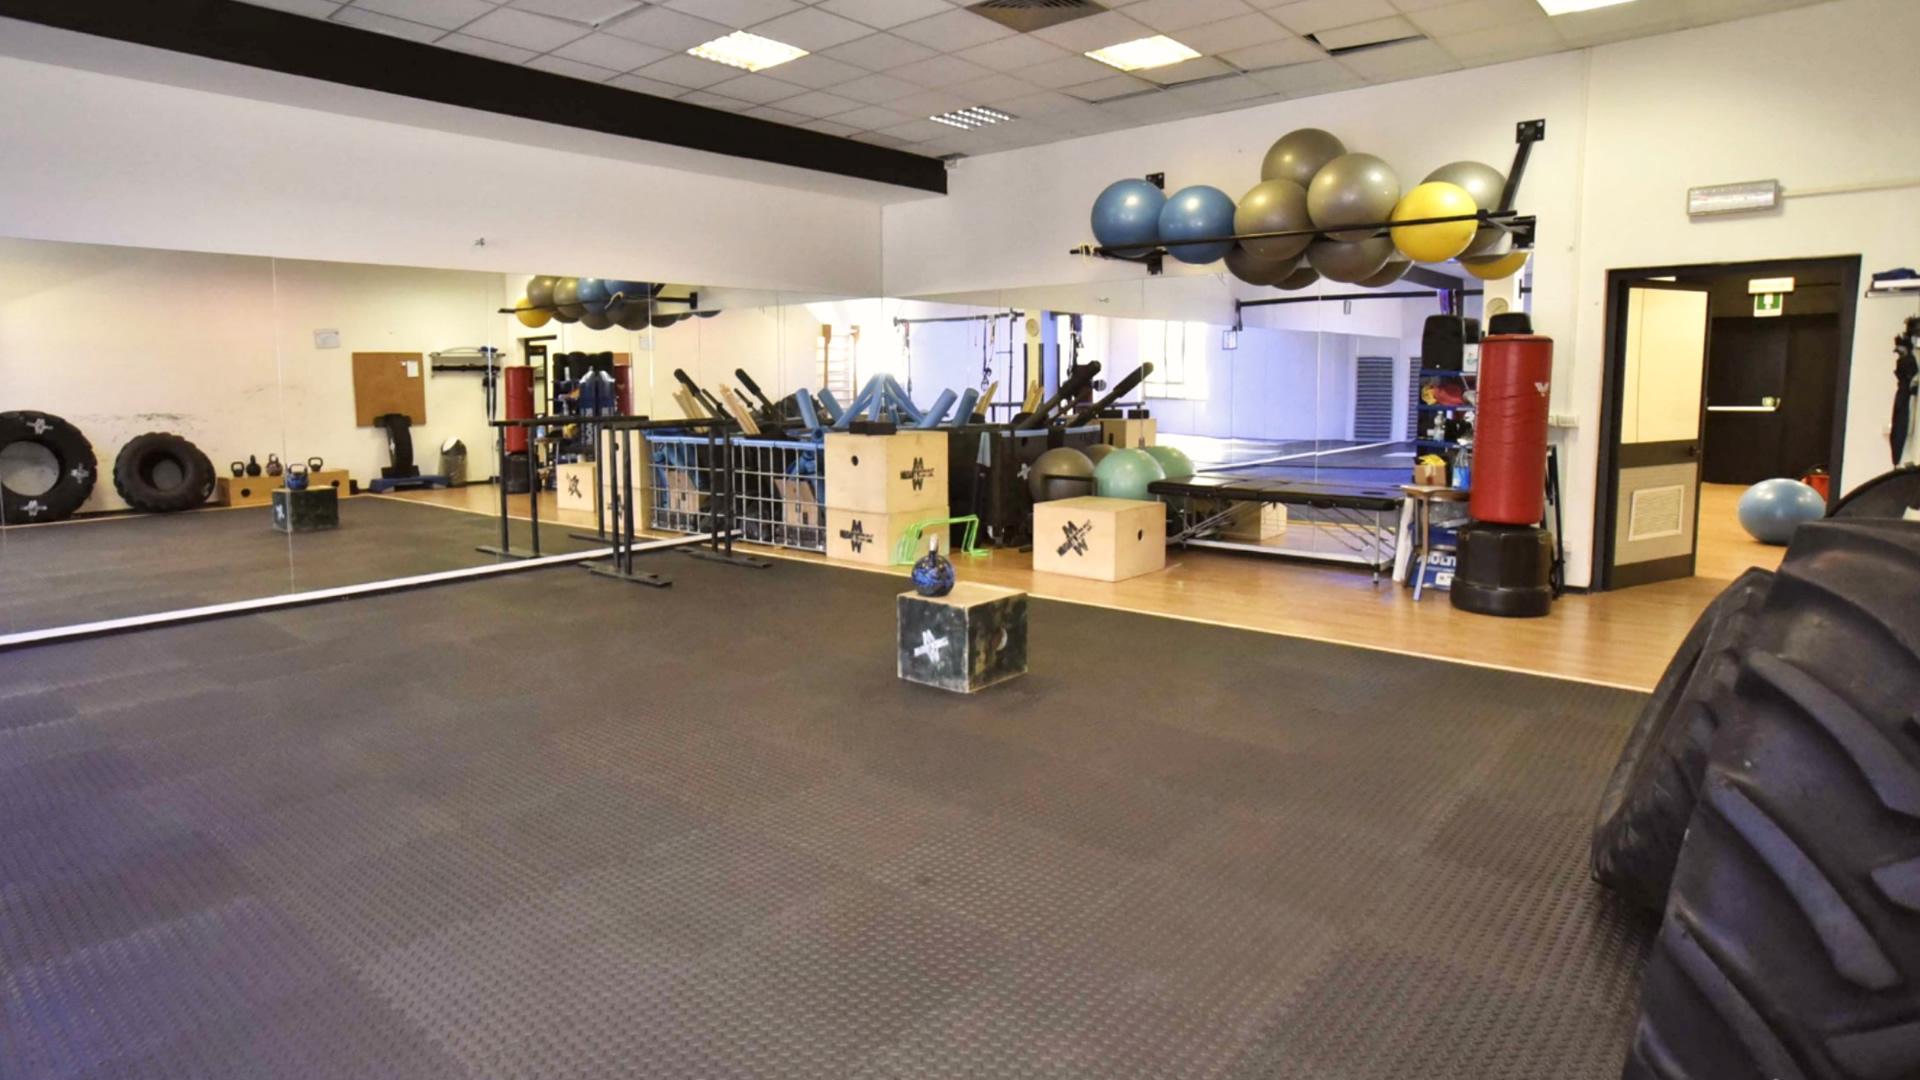 Ampa sala dedicata a Ginnastica Posturale e Correttiva, Pilates, Pancafit di gruppo ed il corso di Military Fitness